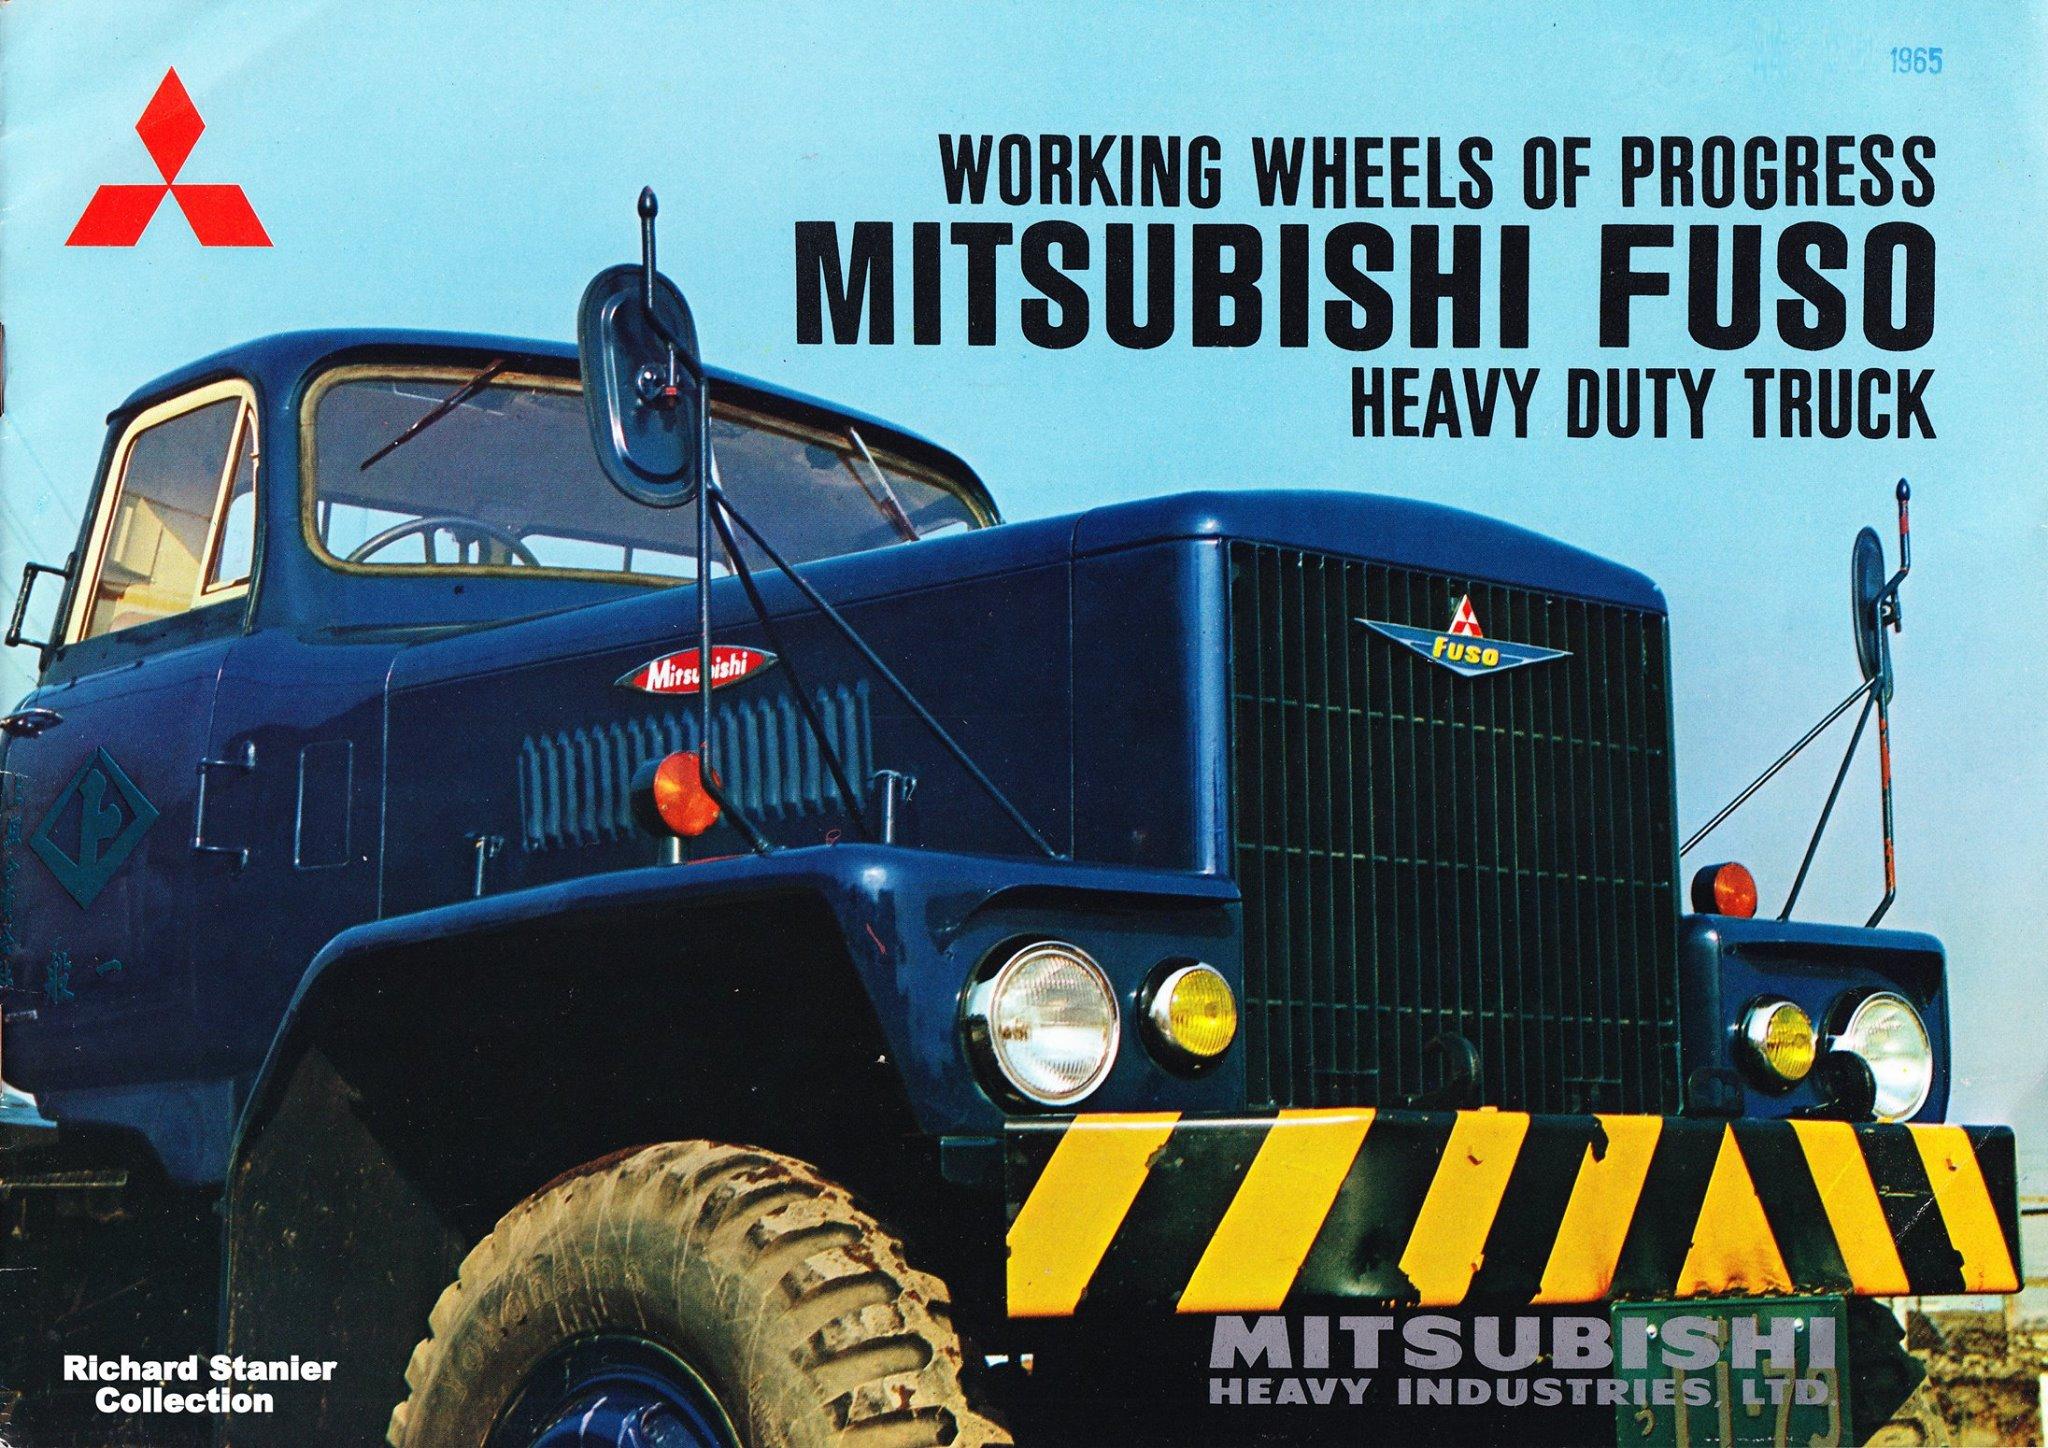 Mitsubishi-Fuso-Heavy-Duty-Truck